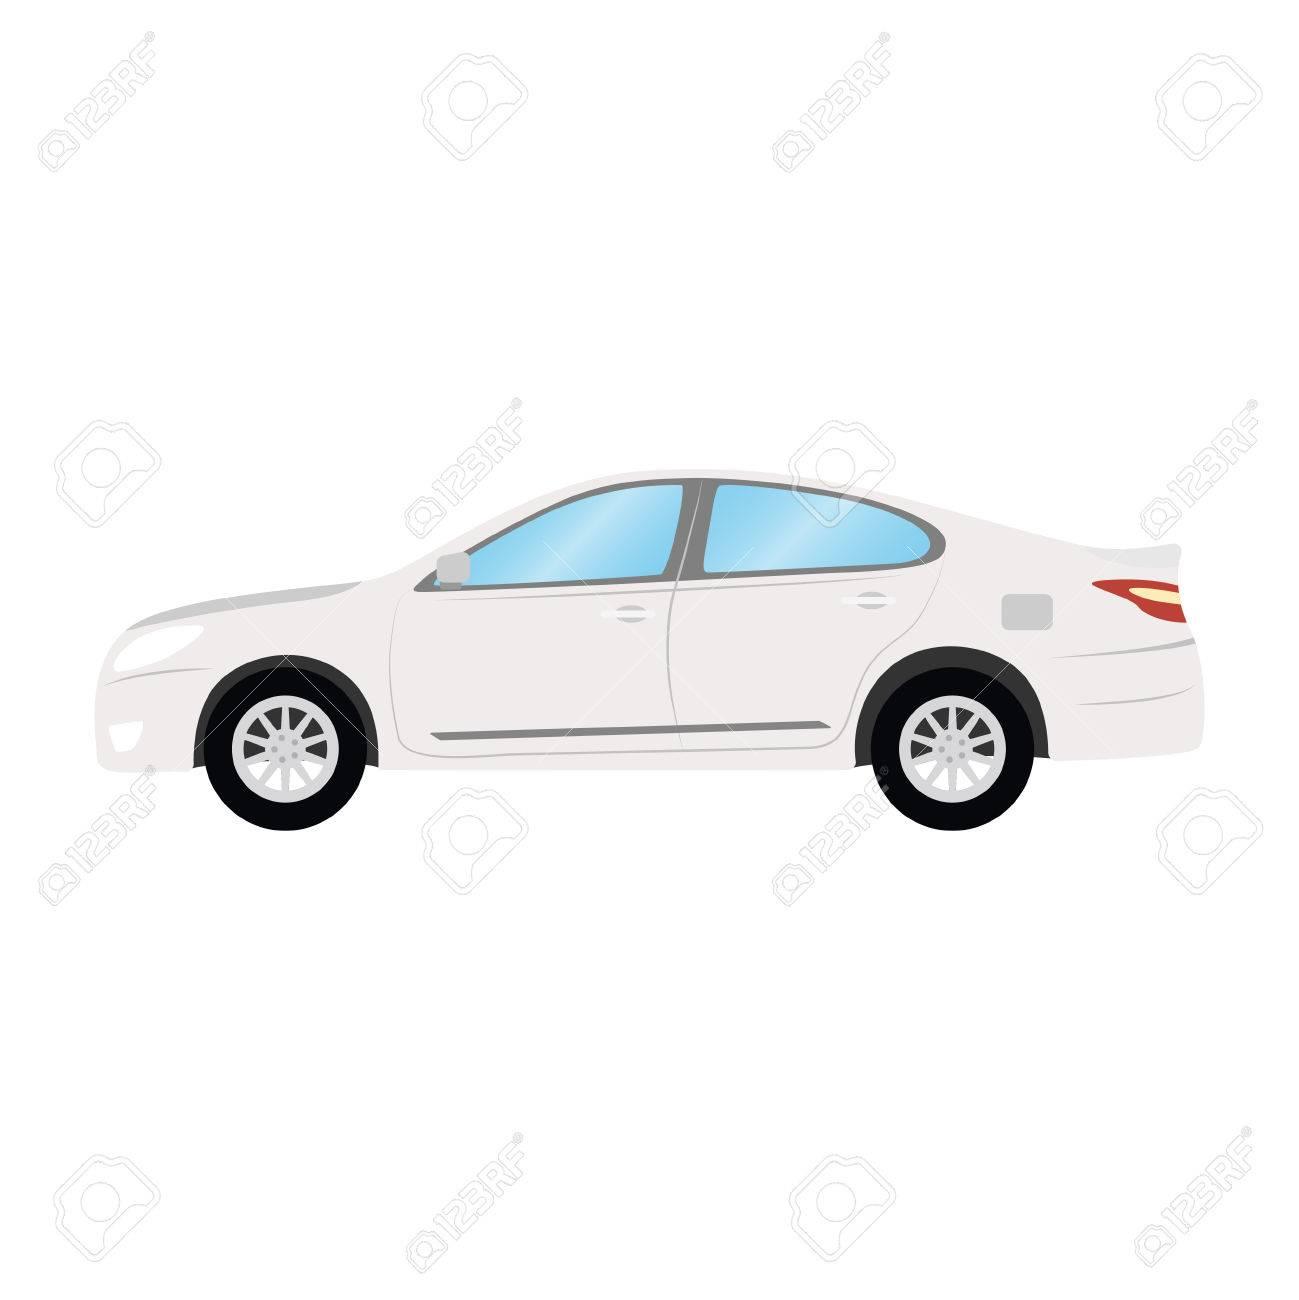 Car Vector Plantilla Sobre Fondo Blanco. Negocio Sedán Aislado ...